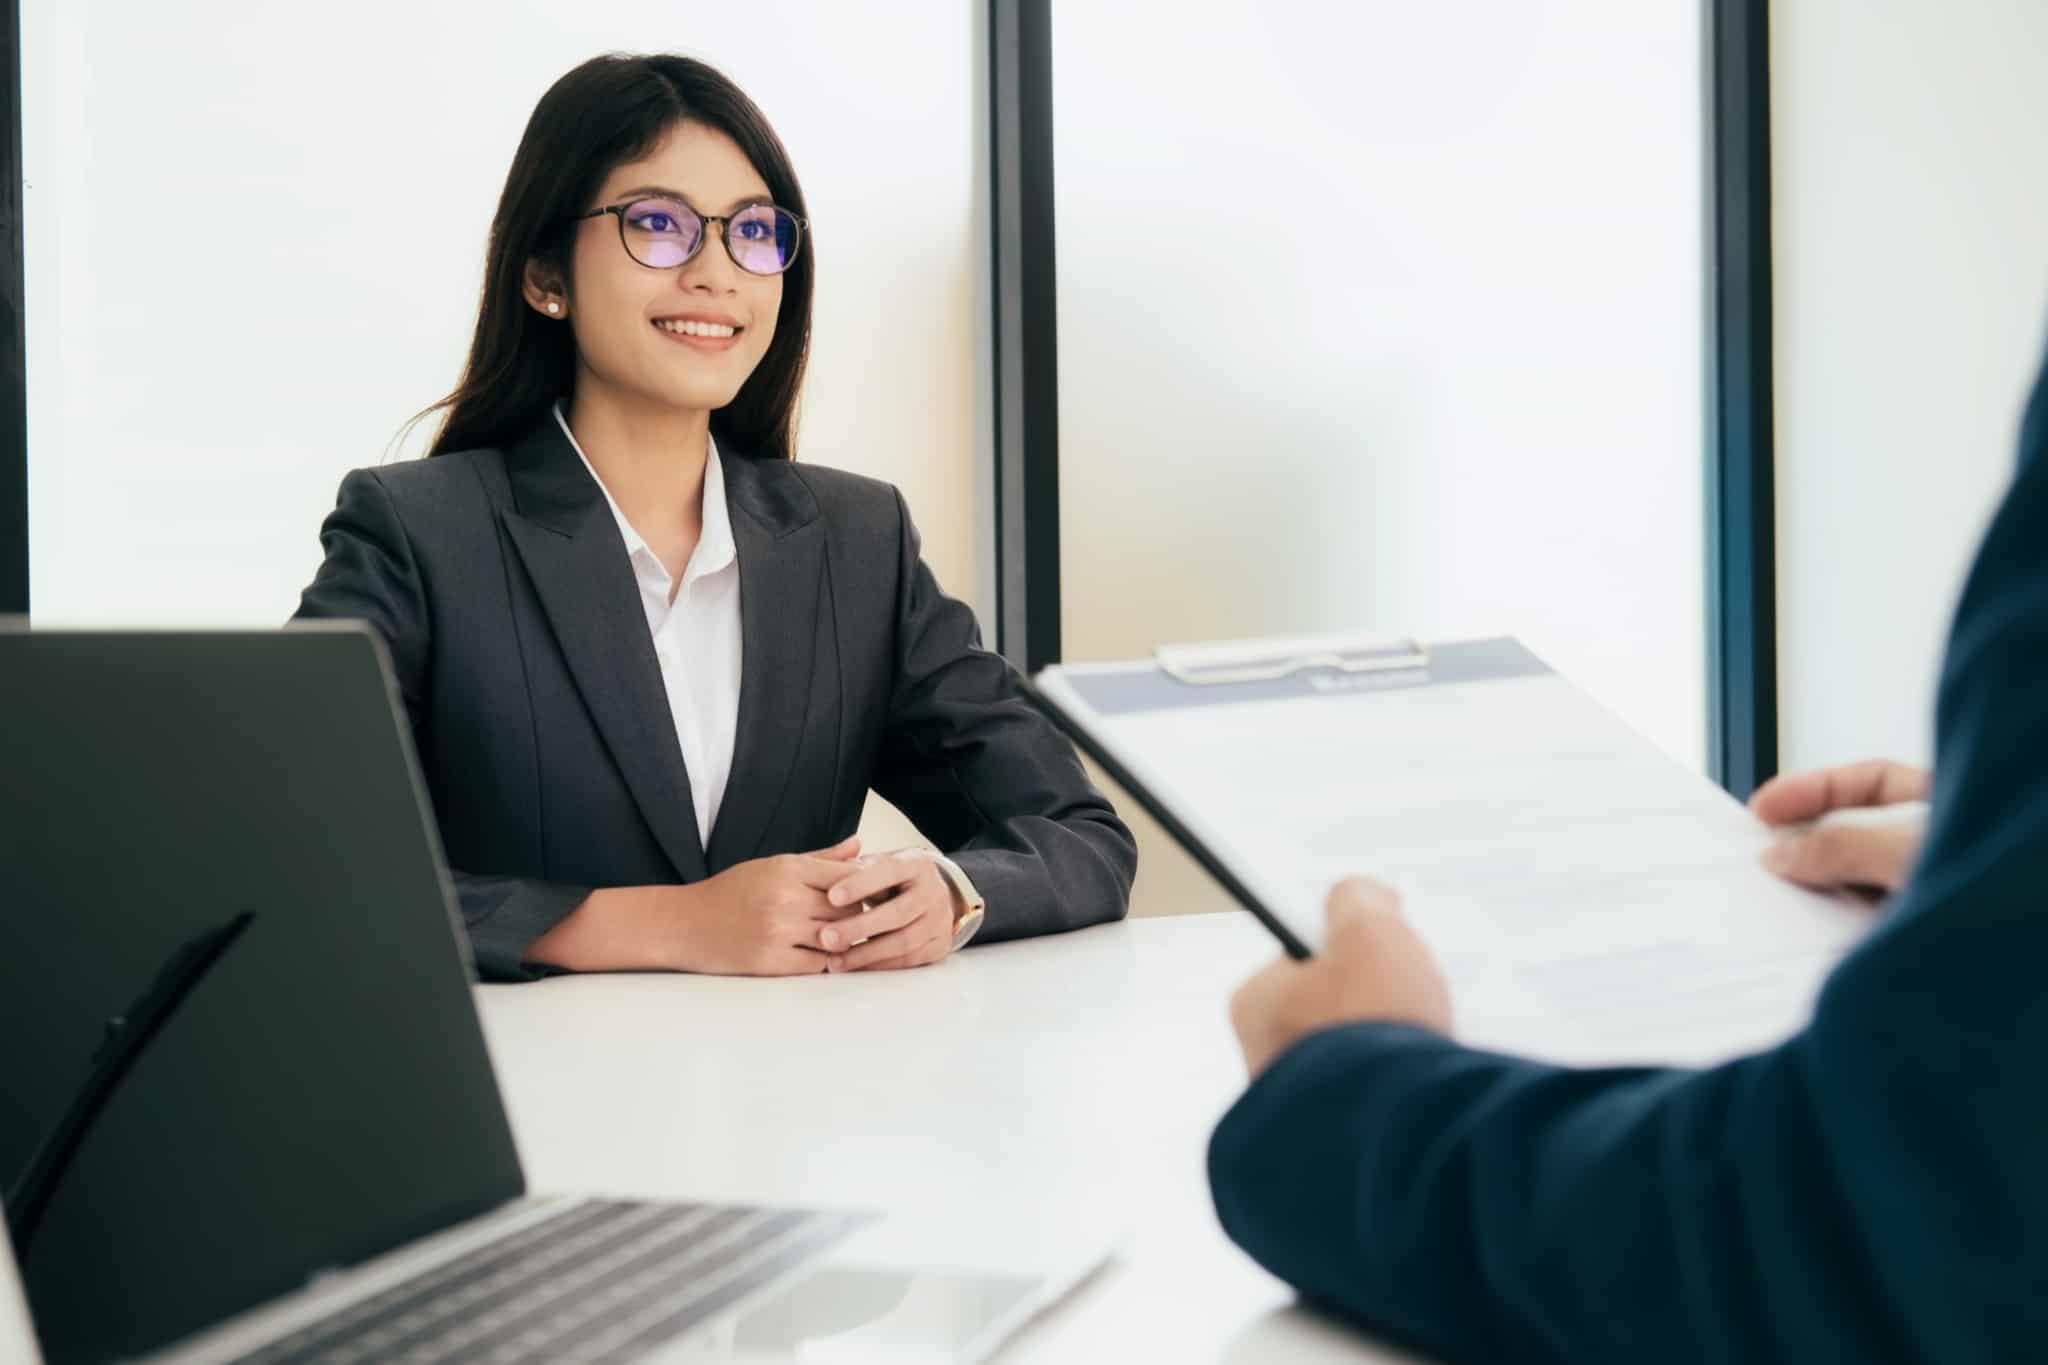 jovem mulher, recem licenciada, sorridente, confiante e com apresentação cuidada, na sua primeira entrevista de emprego